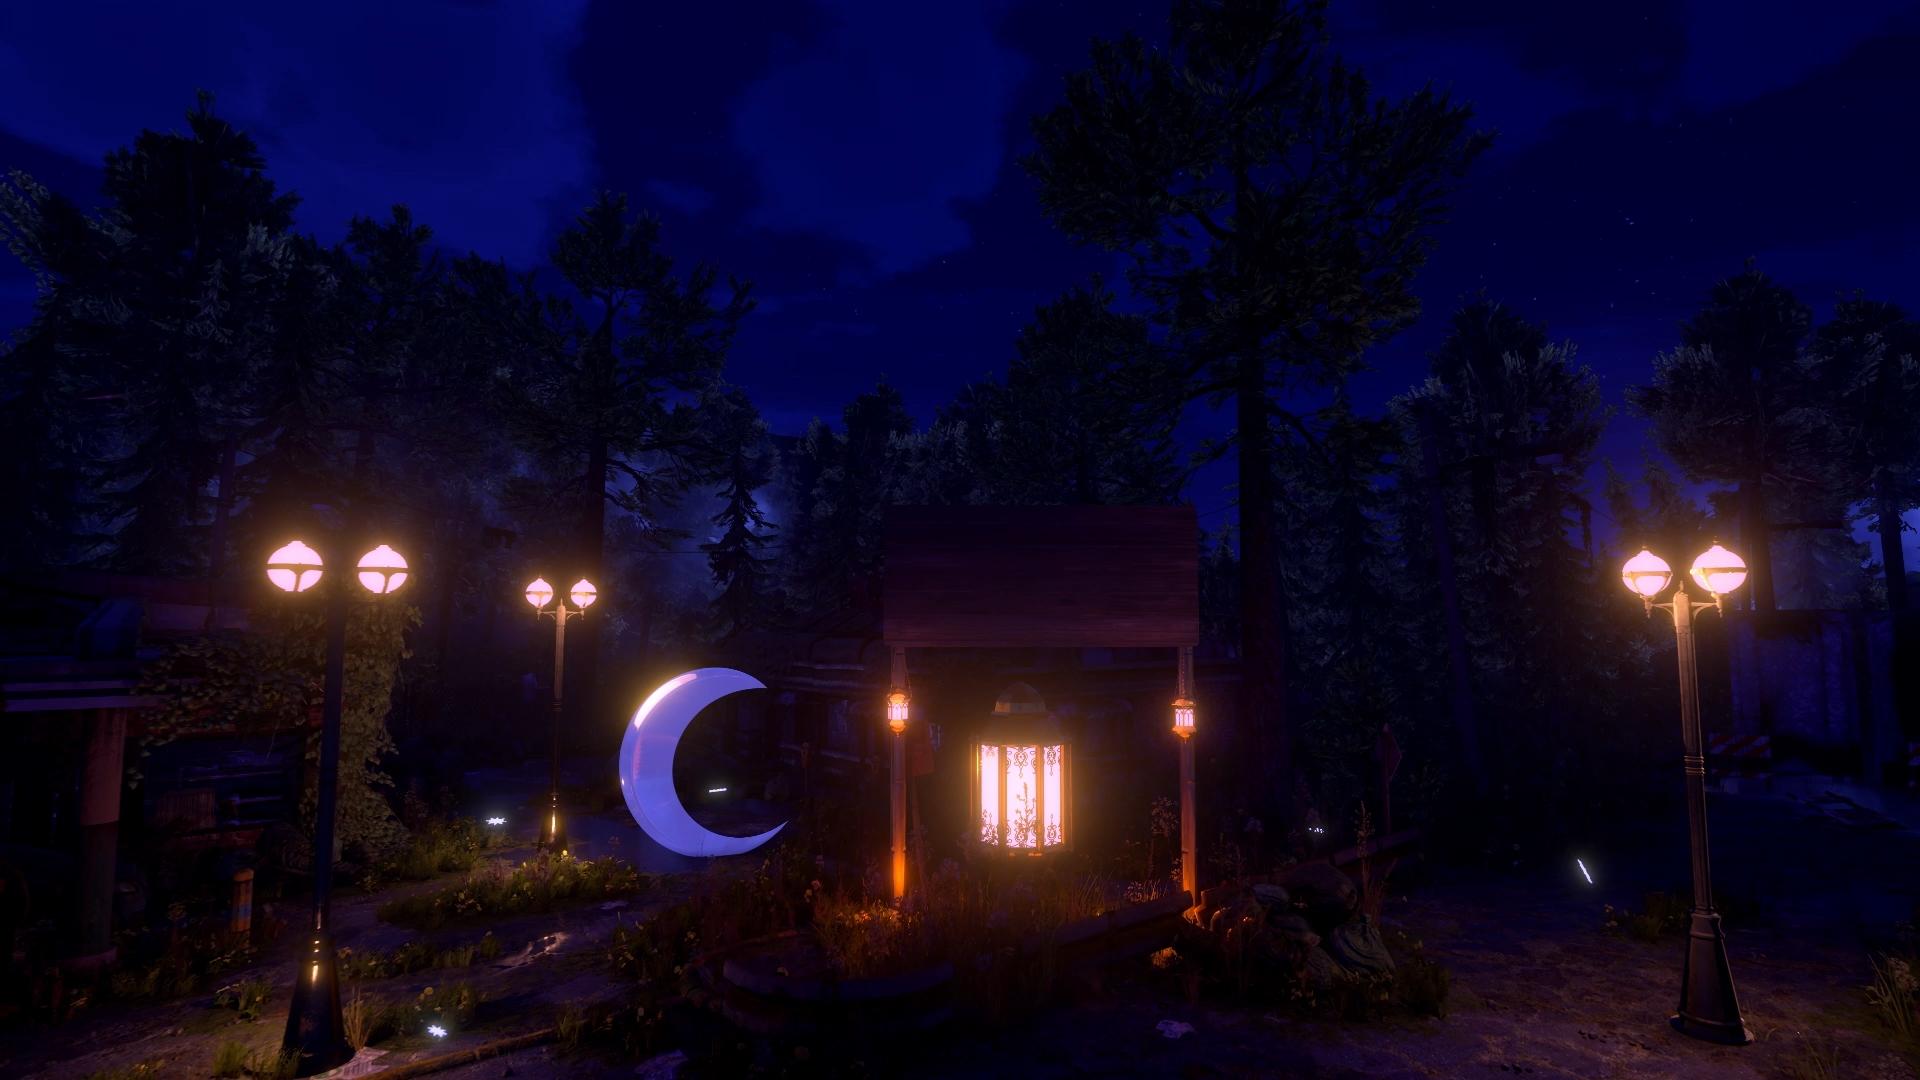 مشروع افتر افيكتس رمضان 2017, قالب افتر افيكتس شهر رمضان, مشروع فيديو هلال رمضان, رمضان 2017